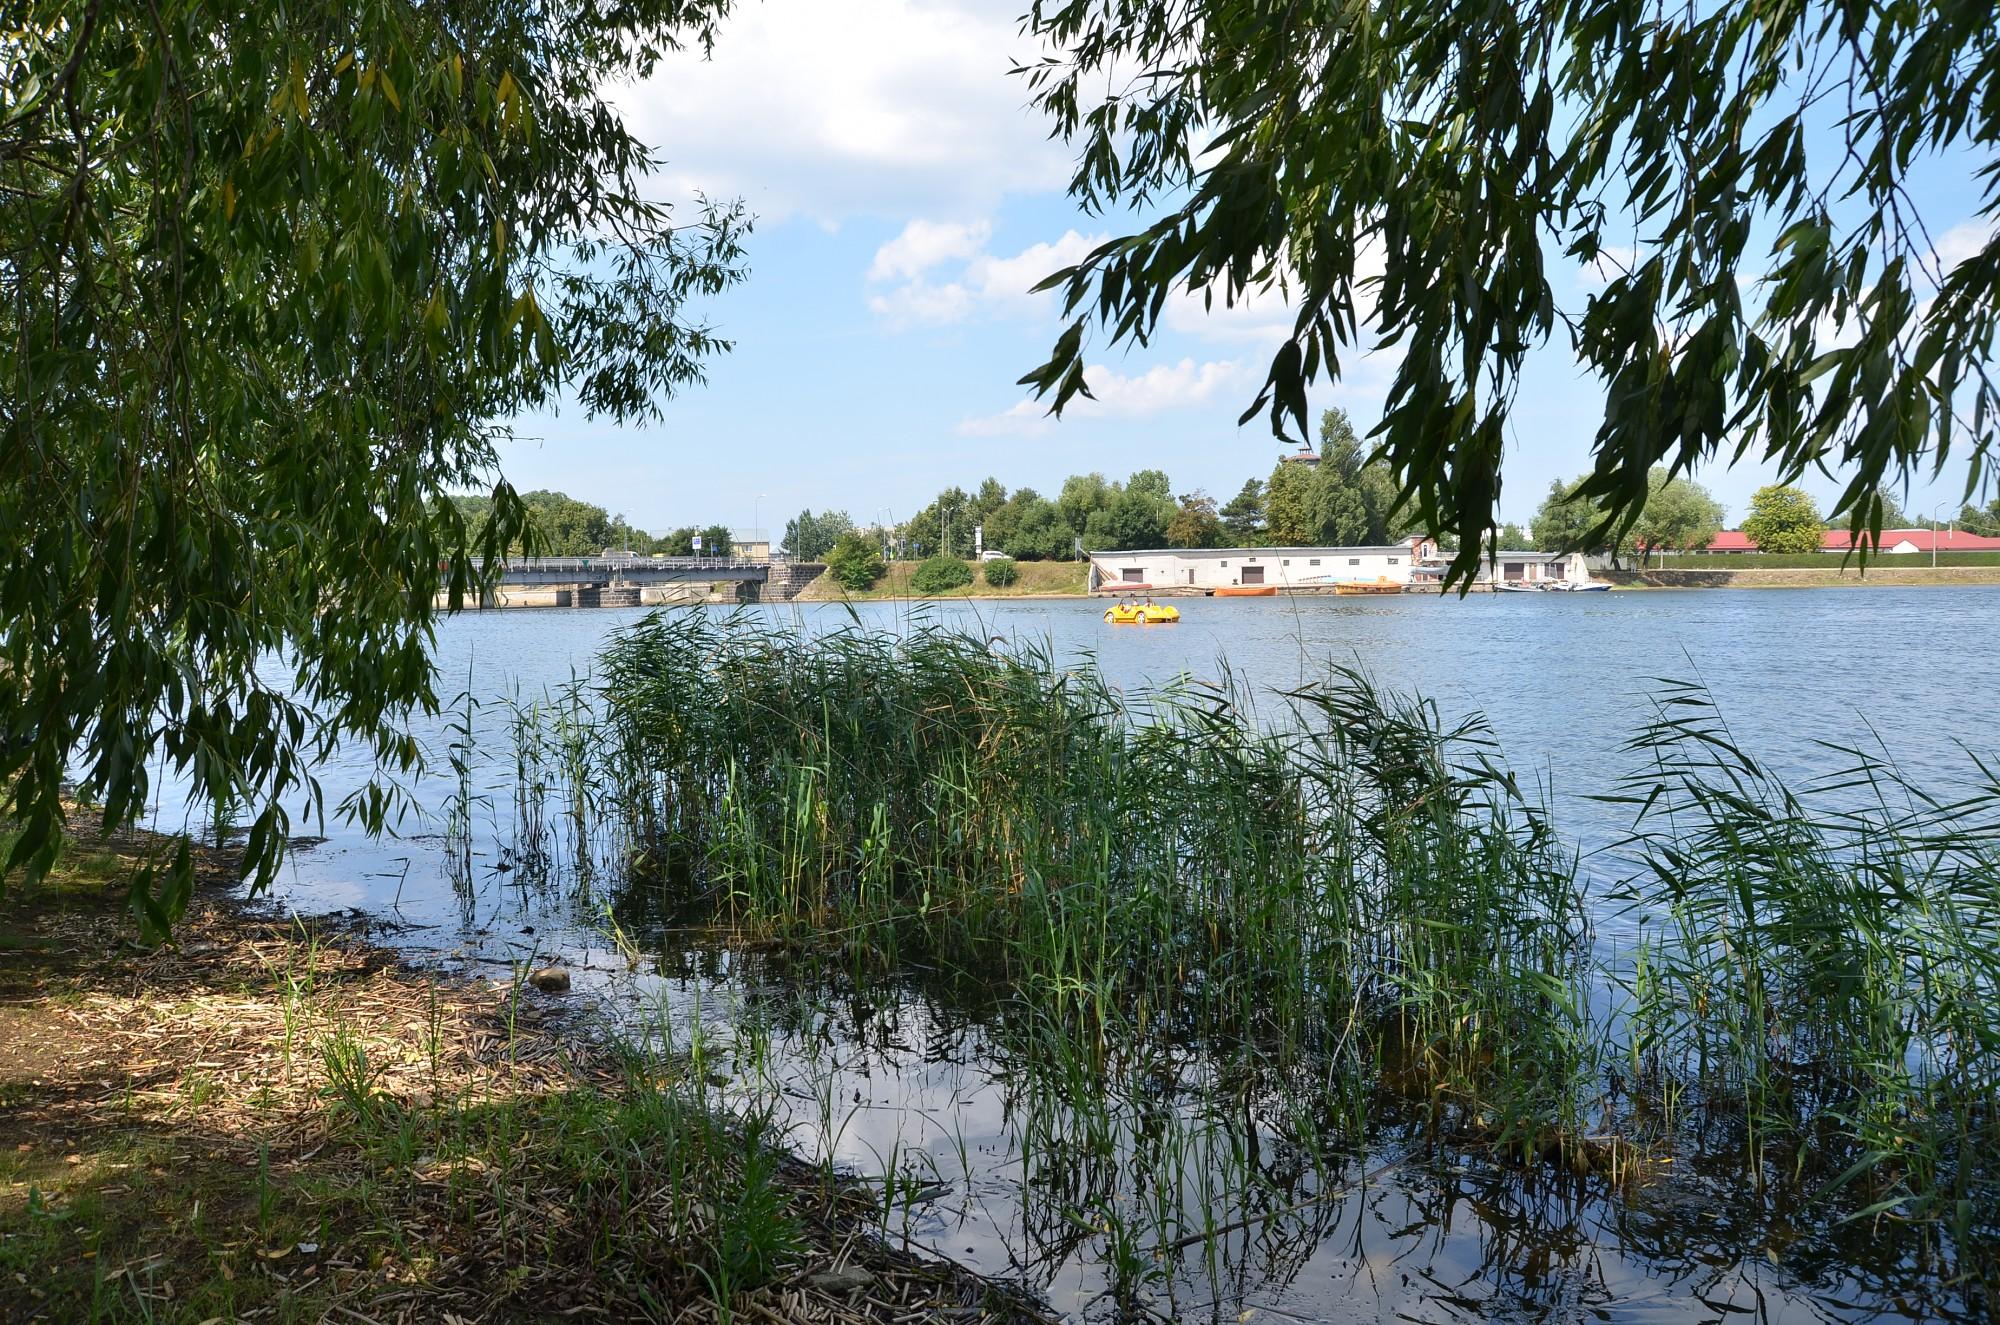 Liepājas ezerā uzsākti pļaušanas darbi